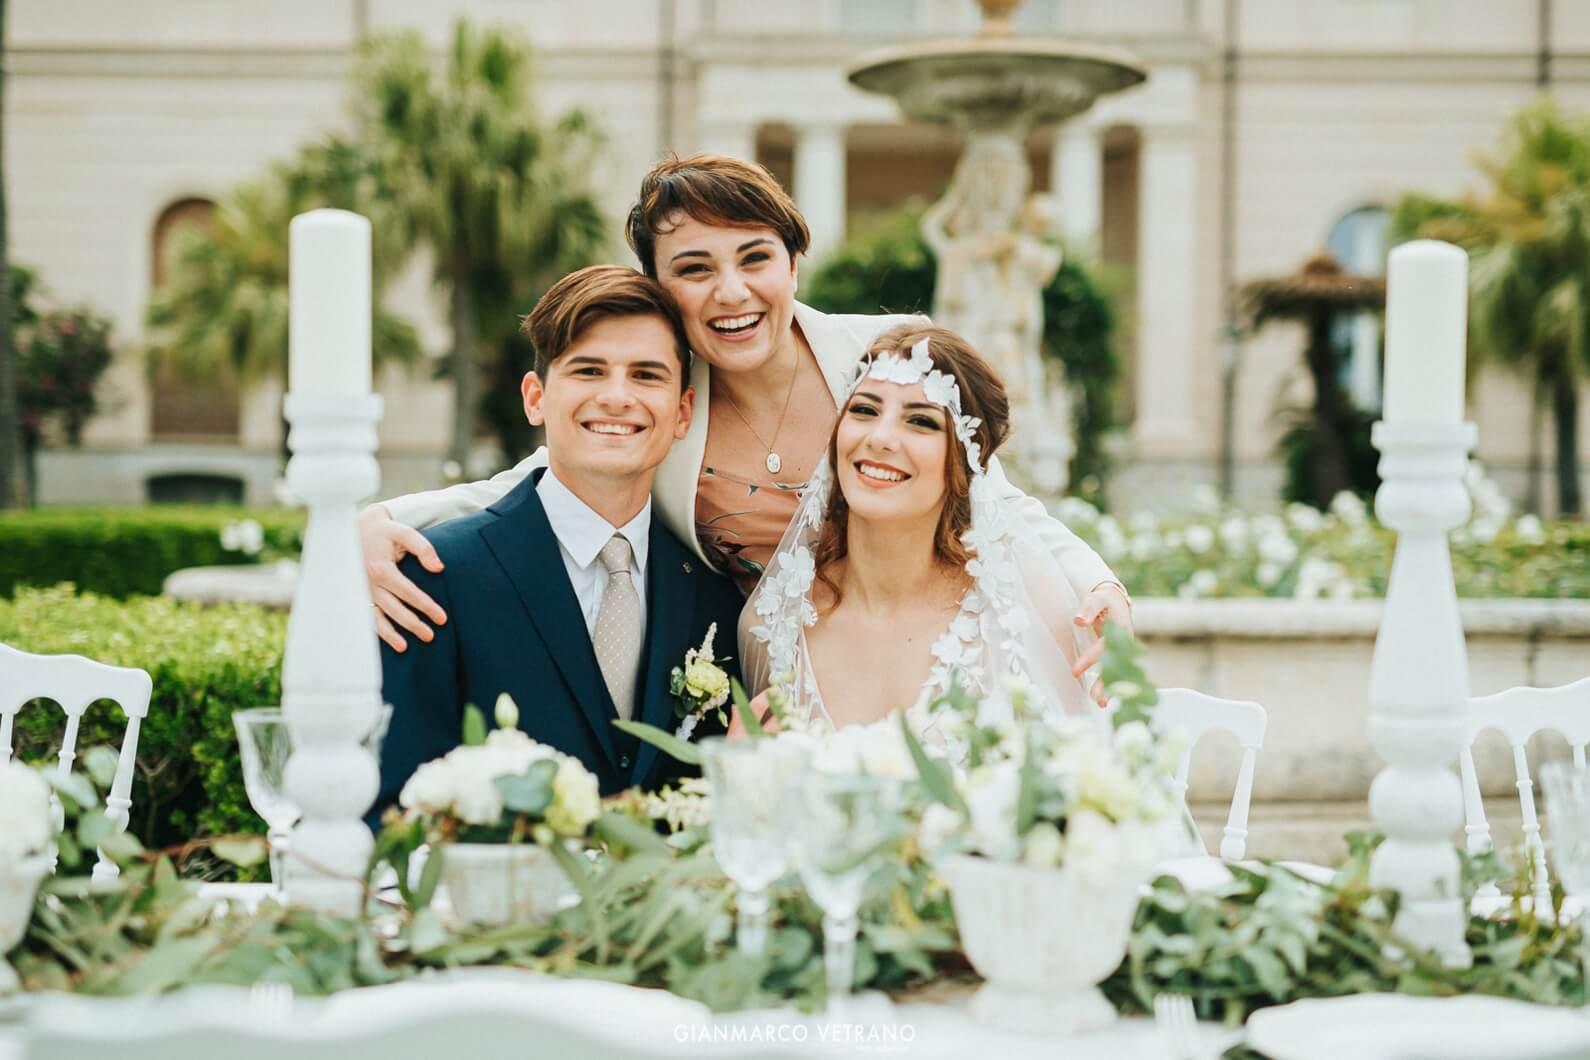 Tania Costantino, wedding planner, abbraccia una coppia di sposi durante il loro matrimonio in Sicilia